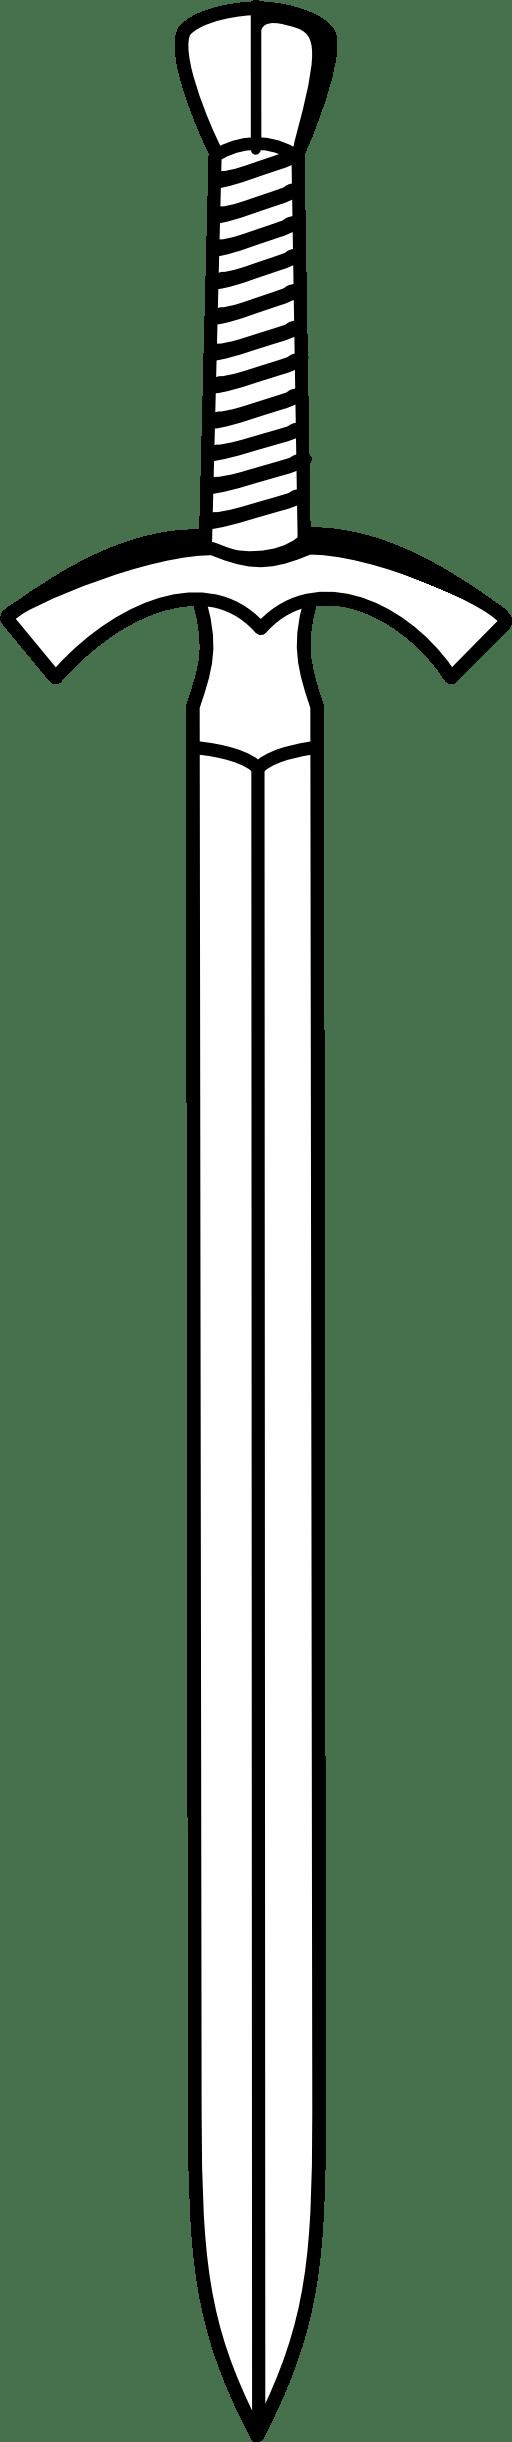 medium resolution of knight sword clipart